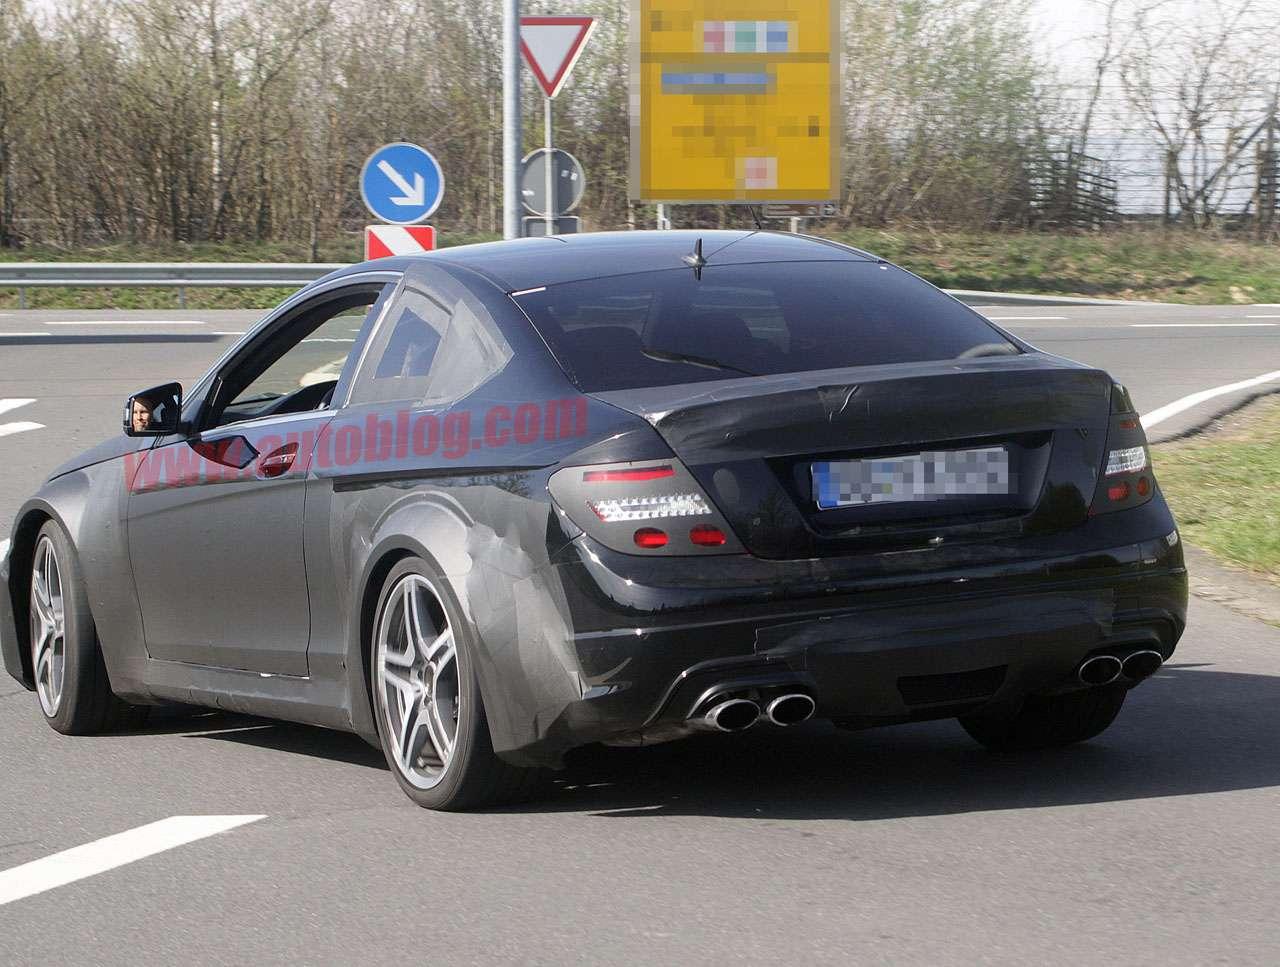 Mercedes C63 AMG Coupe Black Kwiecien 2011